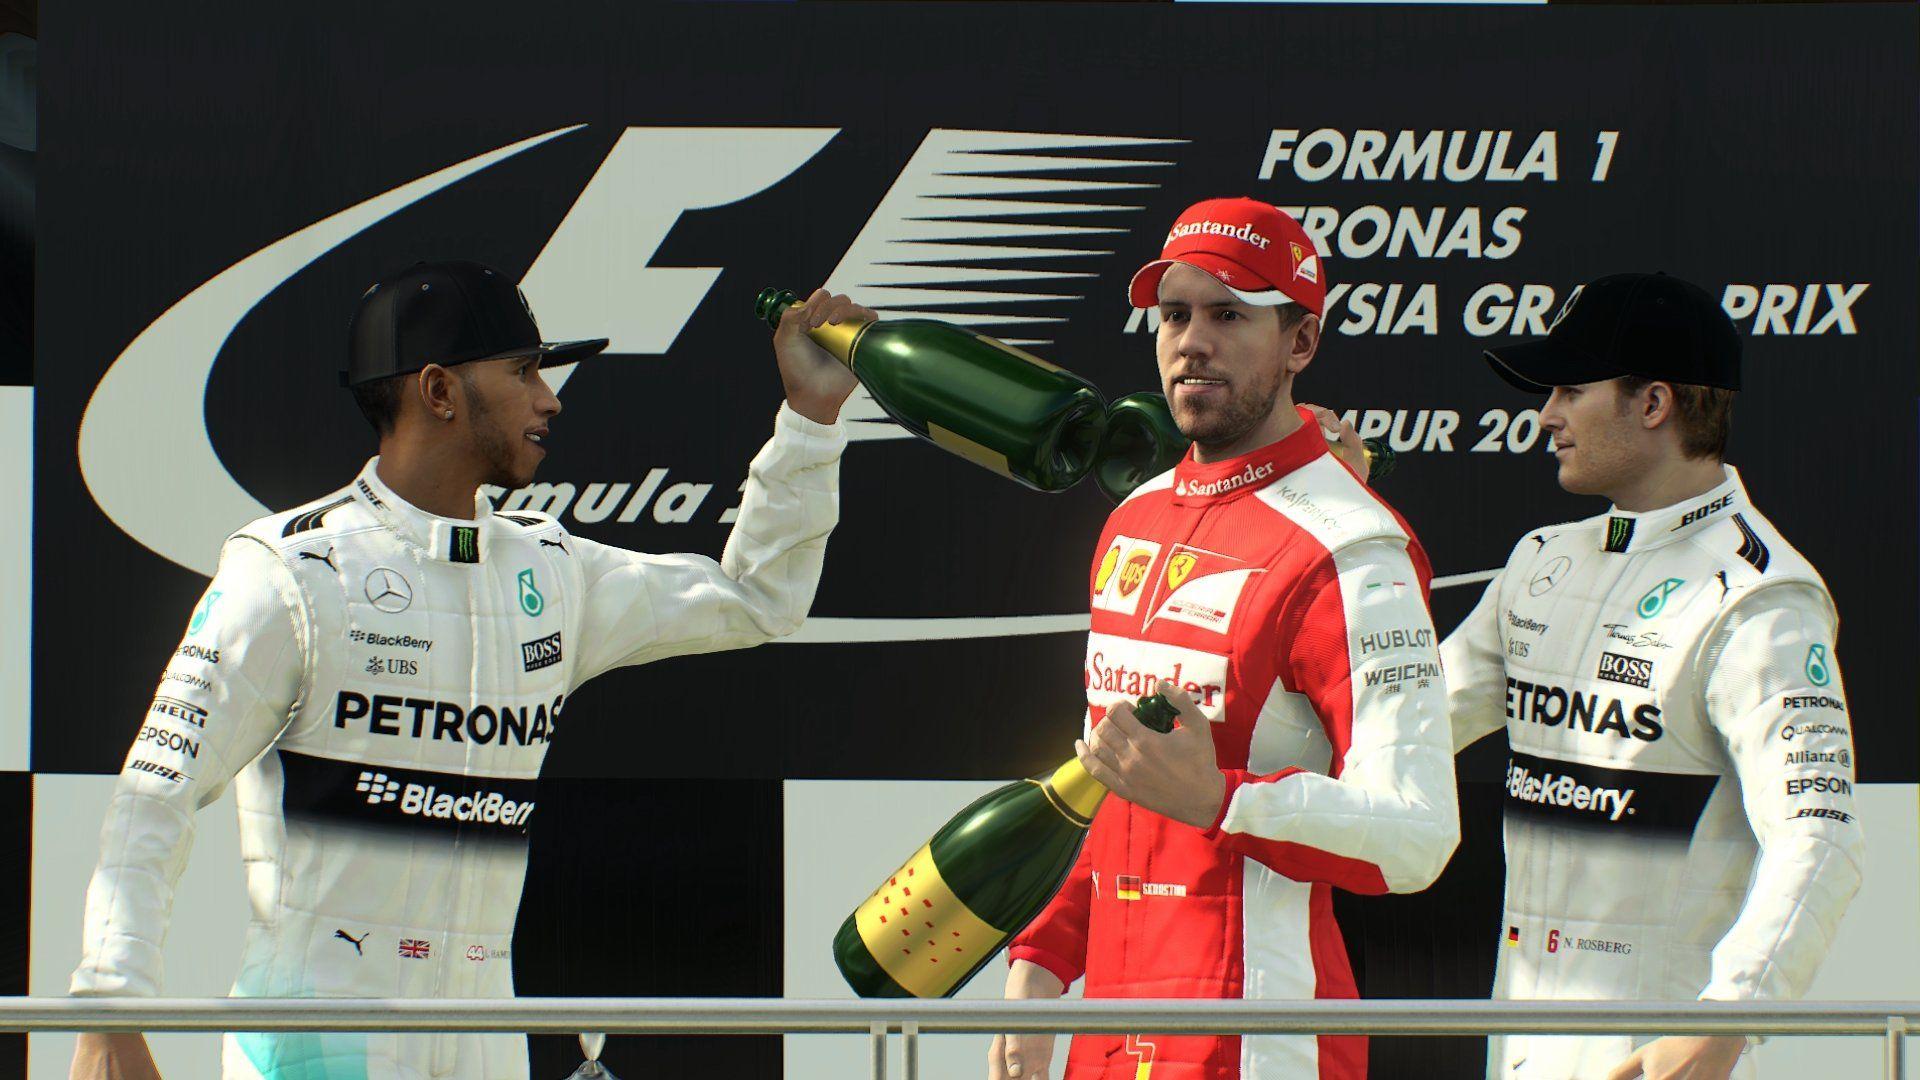 F1 2015 (PS4) - 6